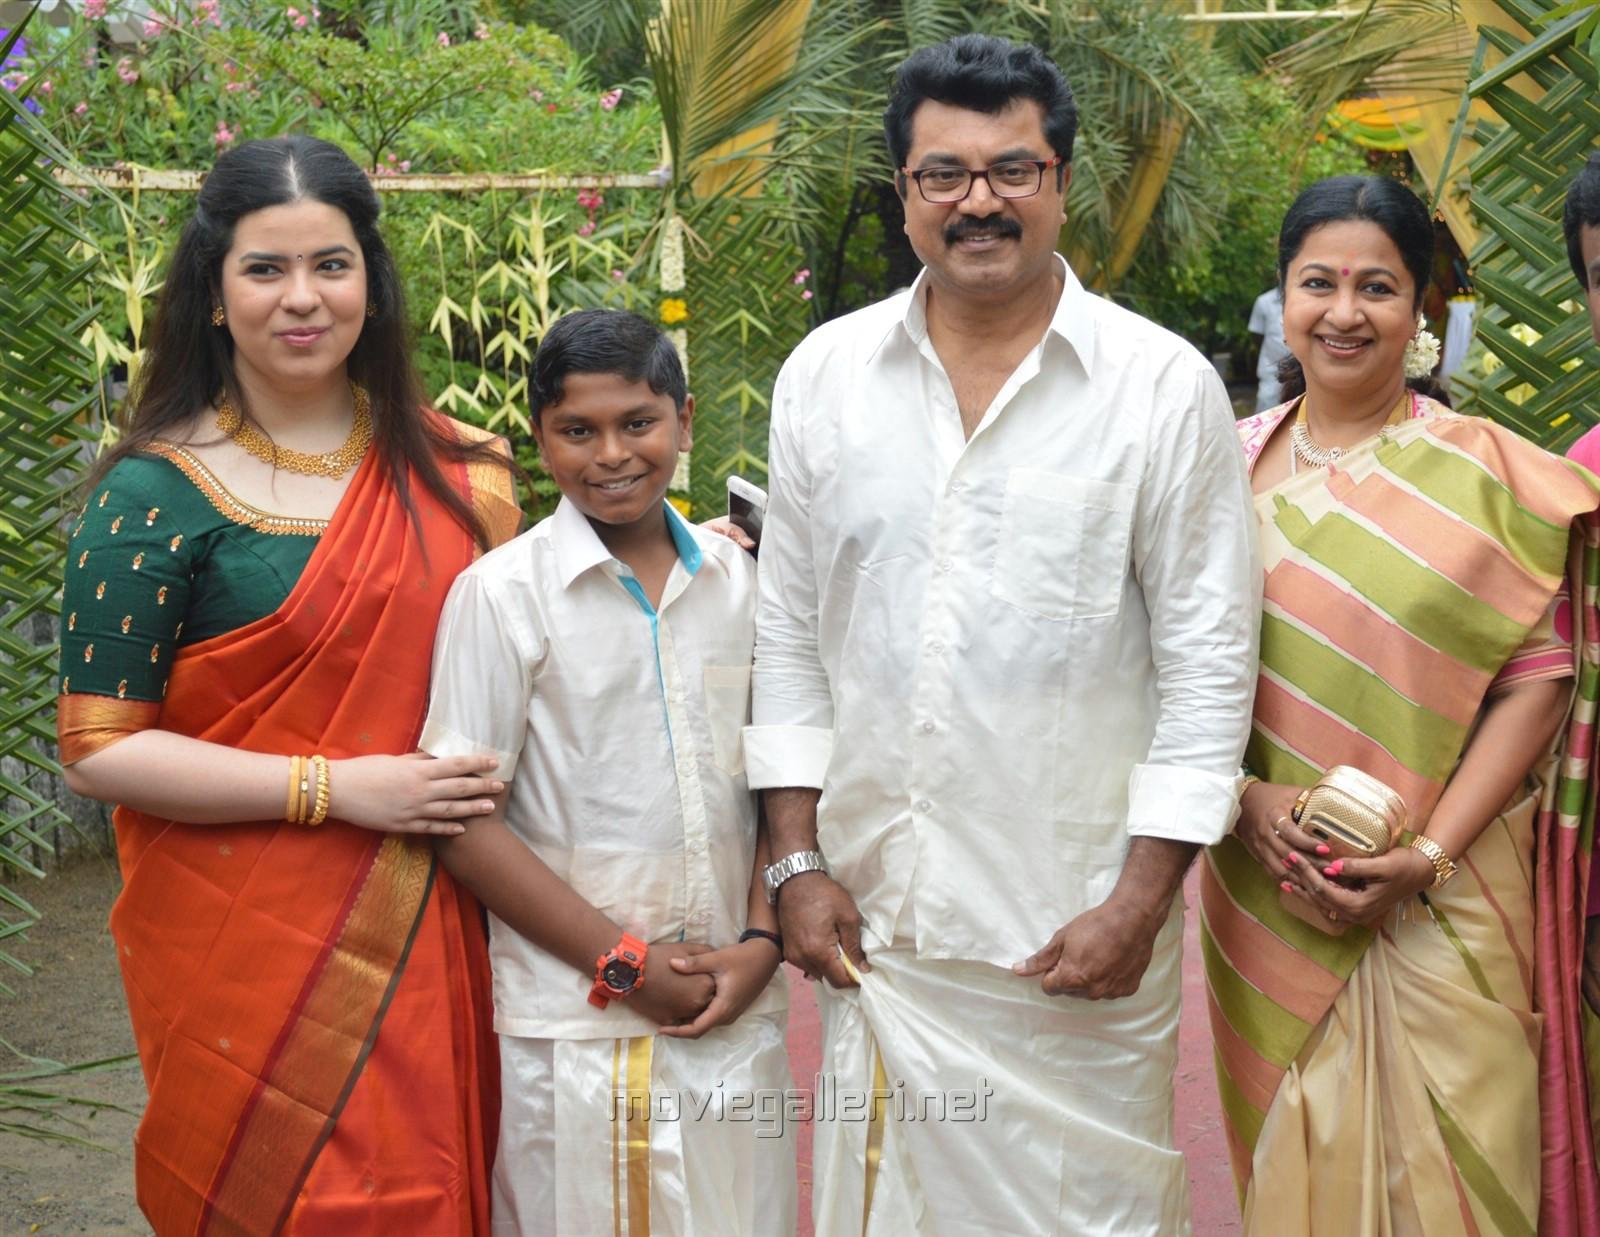 picture 920421 sarathkumar radhika shanthanu keerthi